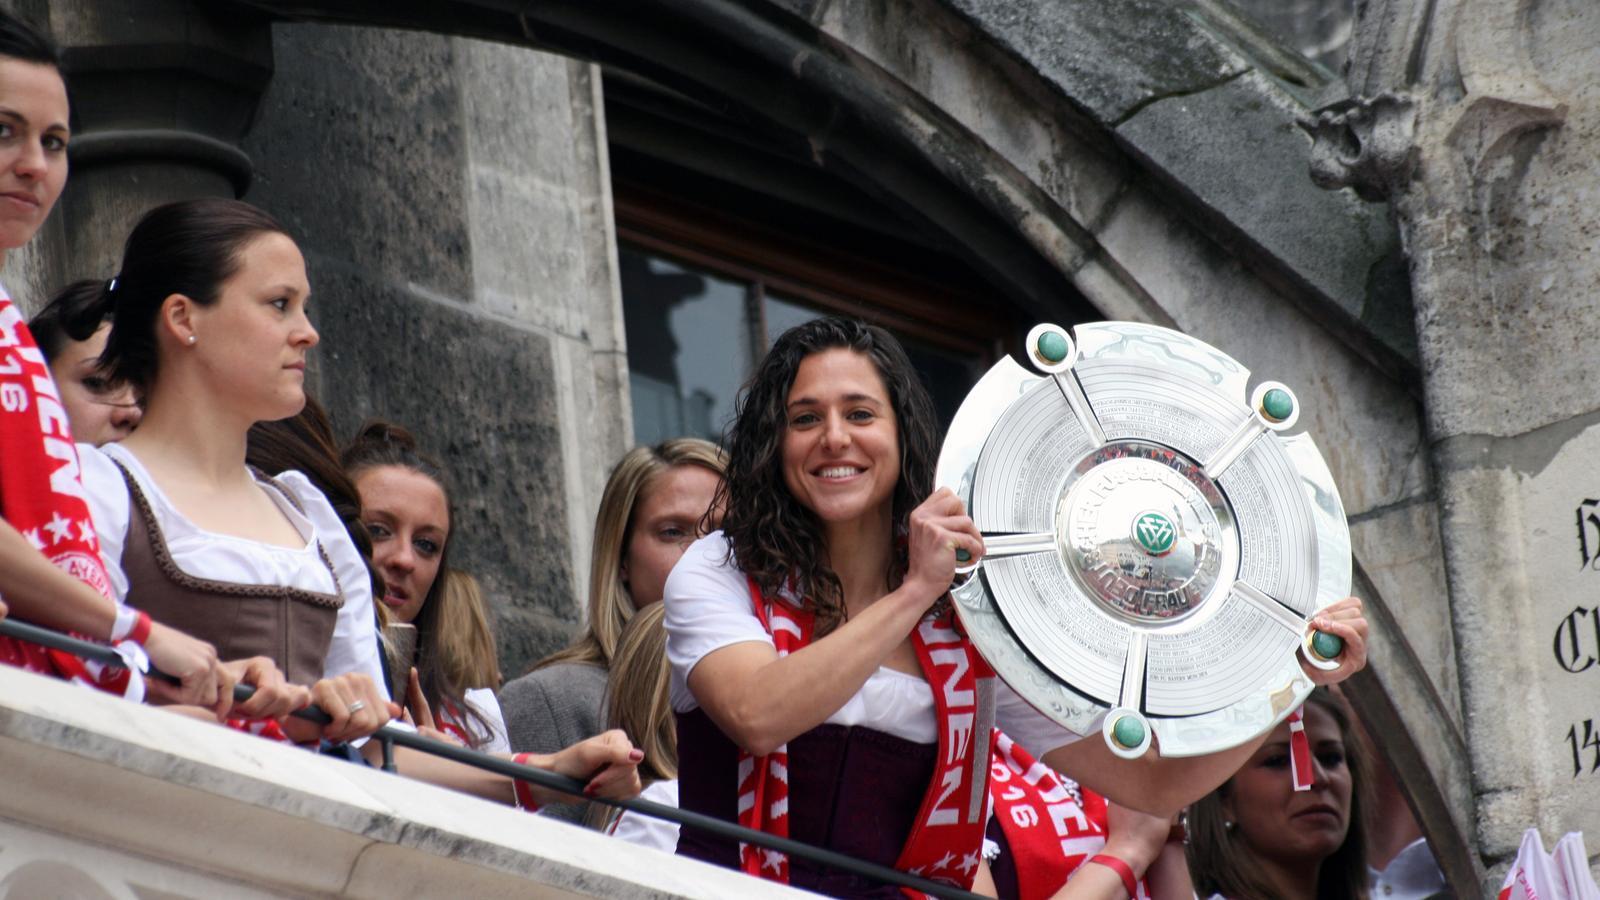 Vero Boquete celebra el títol de Bundesliga femenina des del balcó de l'Ajuntament de Munic